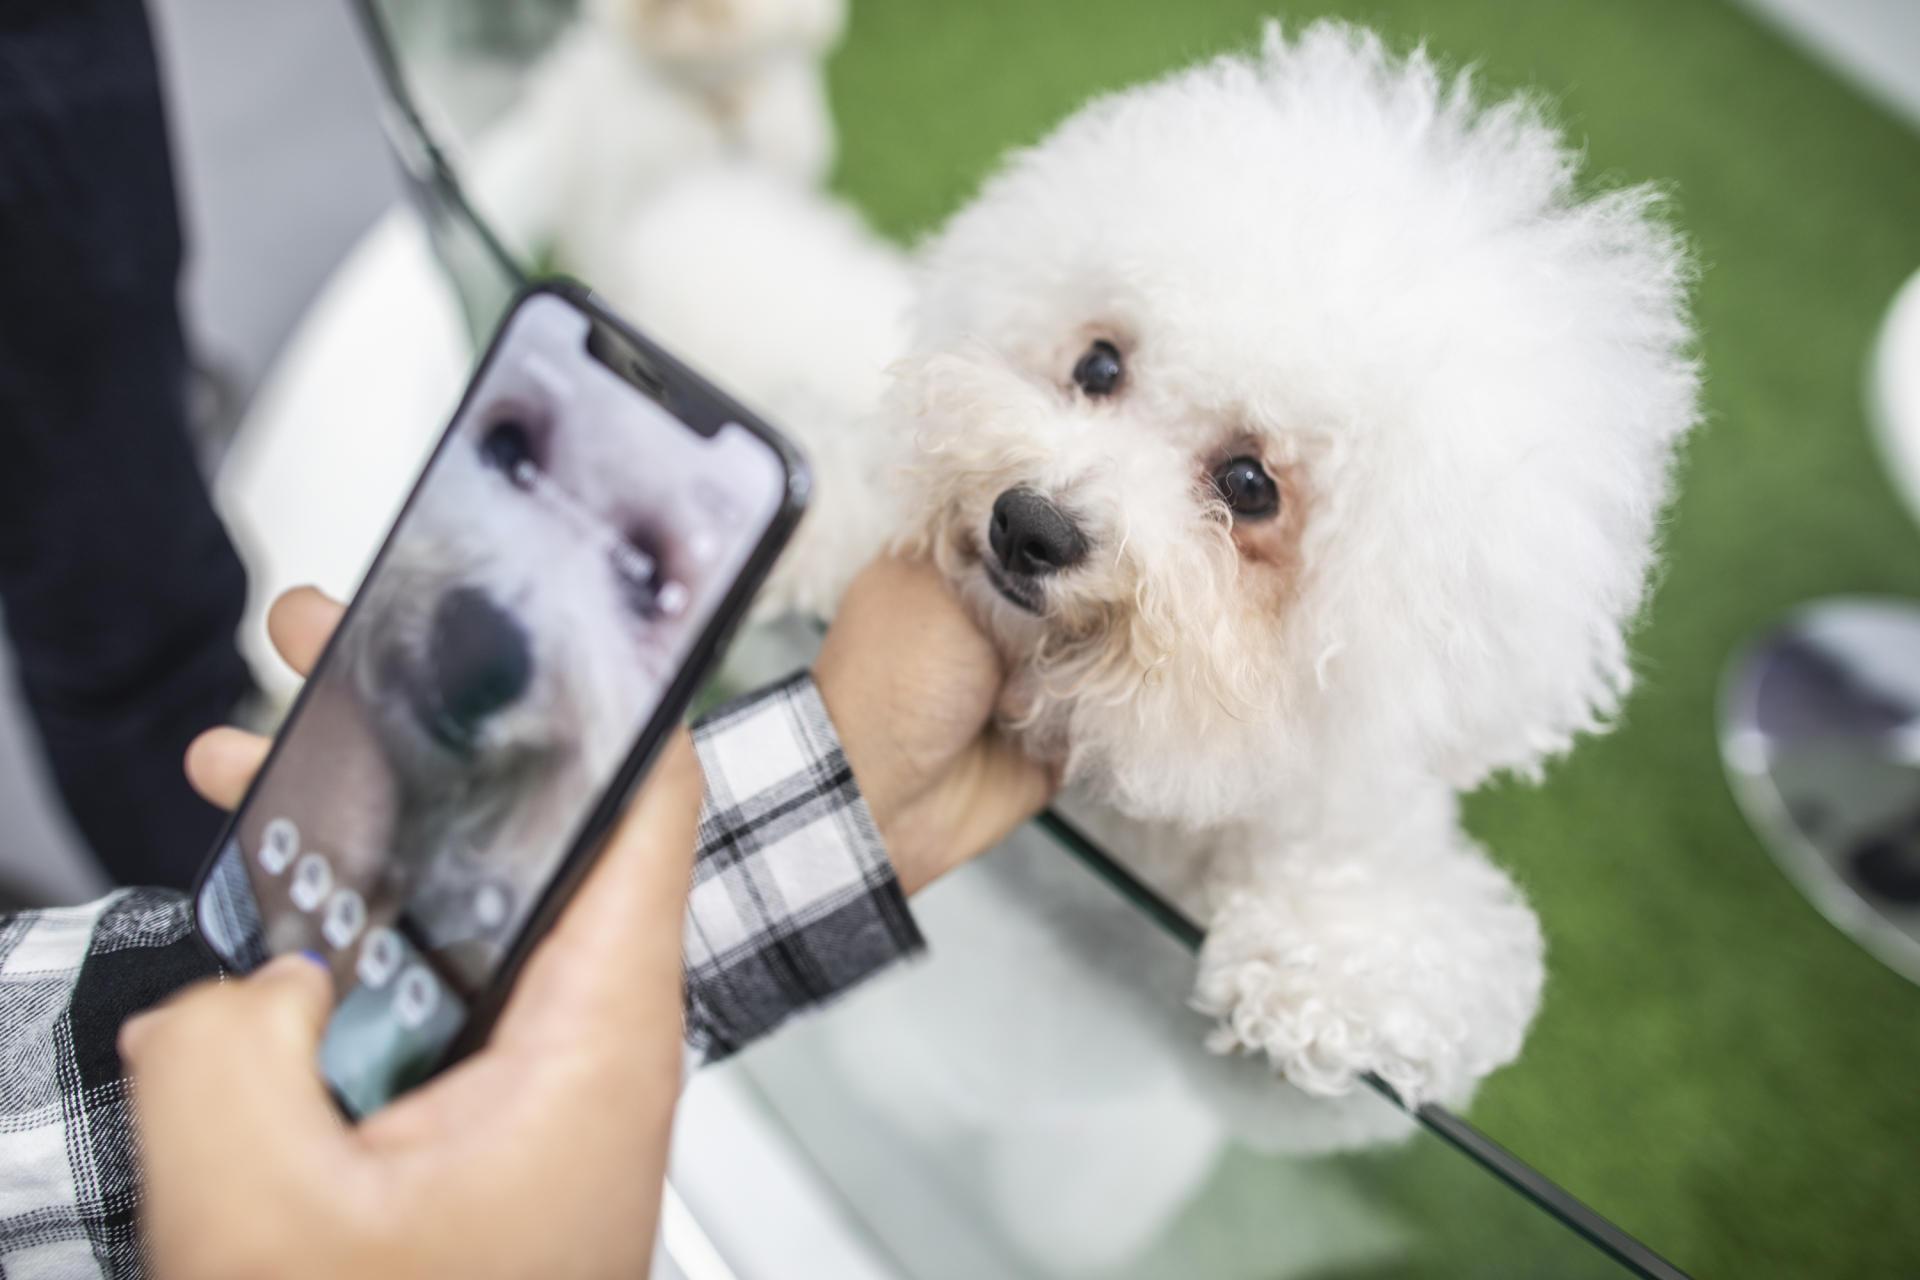 宠物鼻纹识别技术,只需把宠物的鼻子部位对准手机屏幕中的对应位置,就可以自动识别宠物的名字等信息。